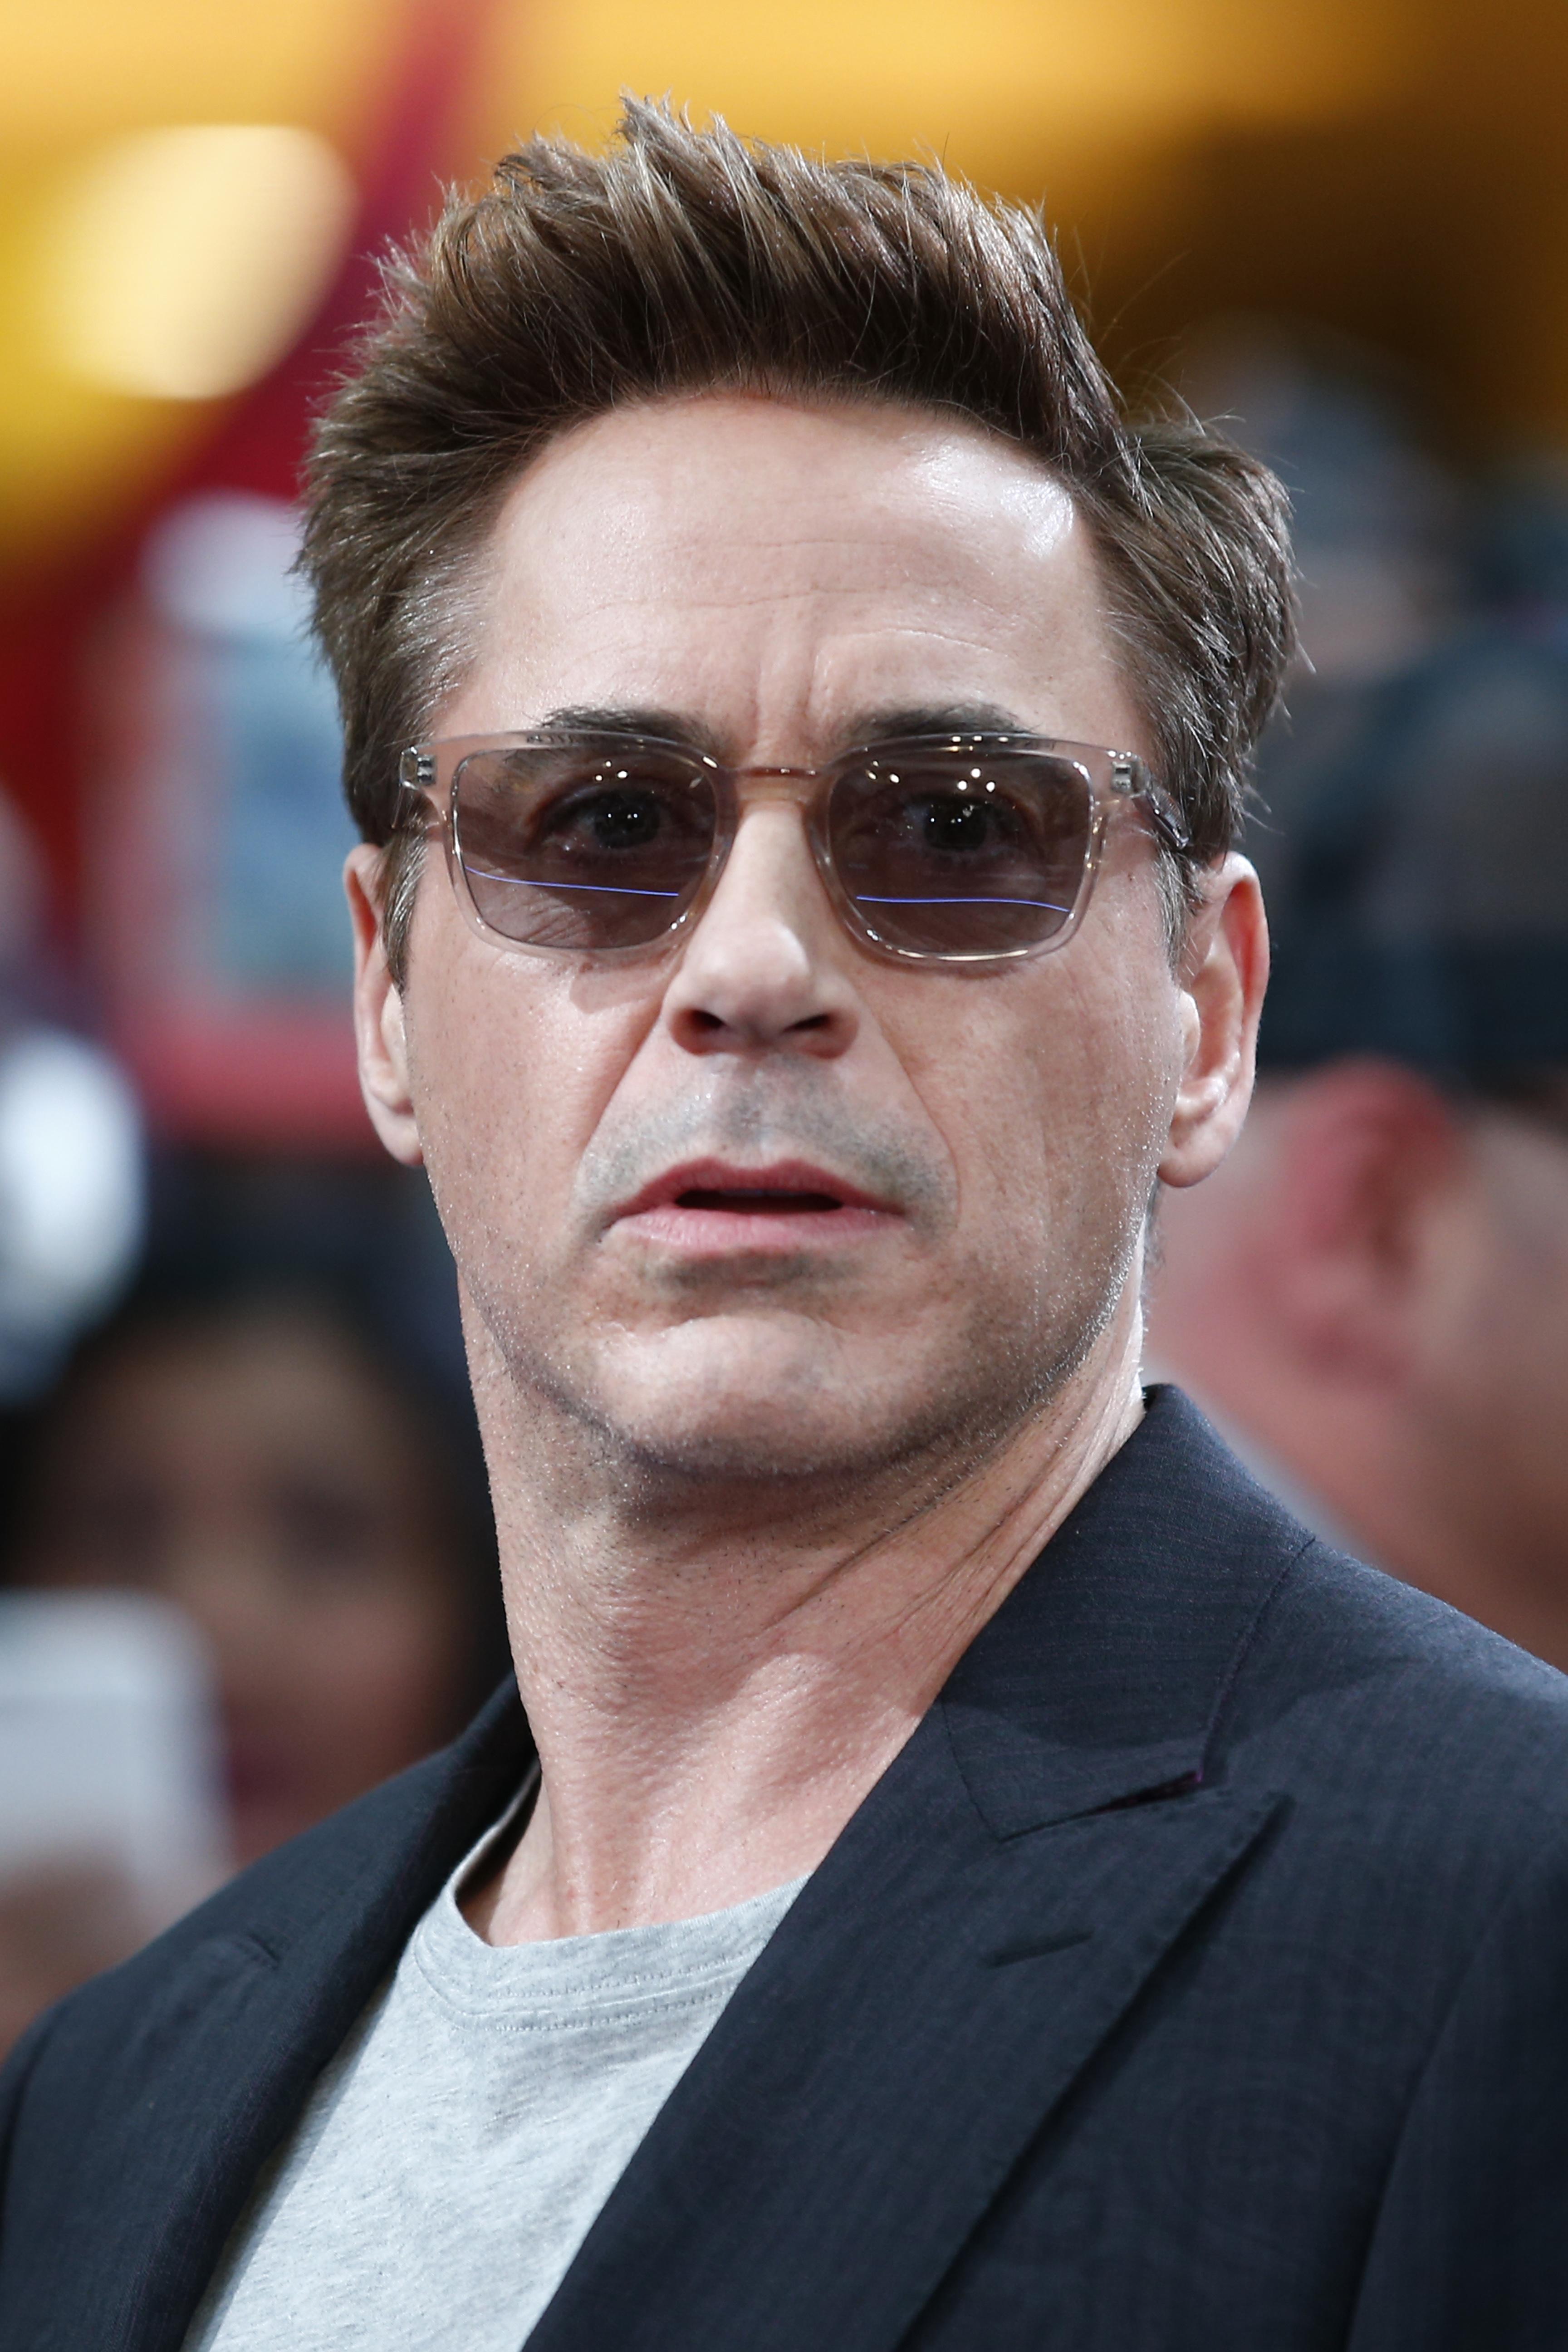 Robert Downey Jr. megmutatta kislányát Robert Downey